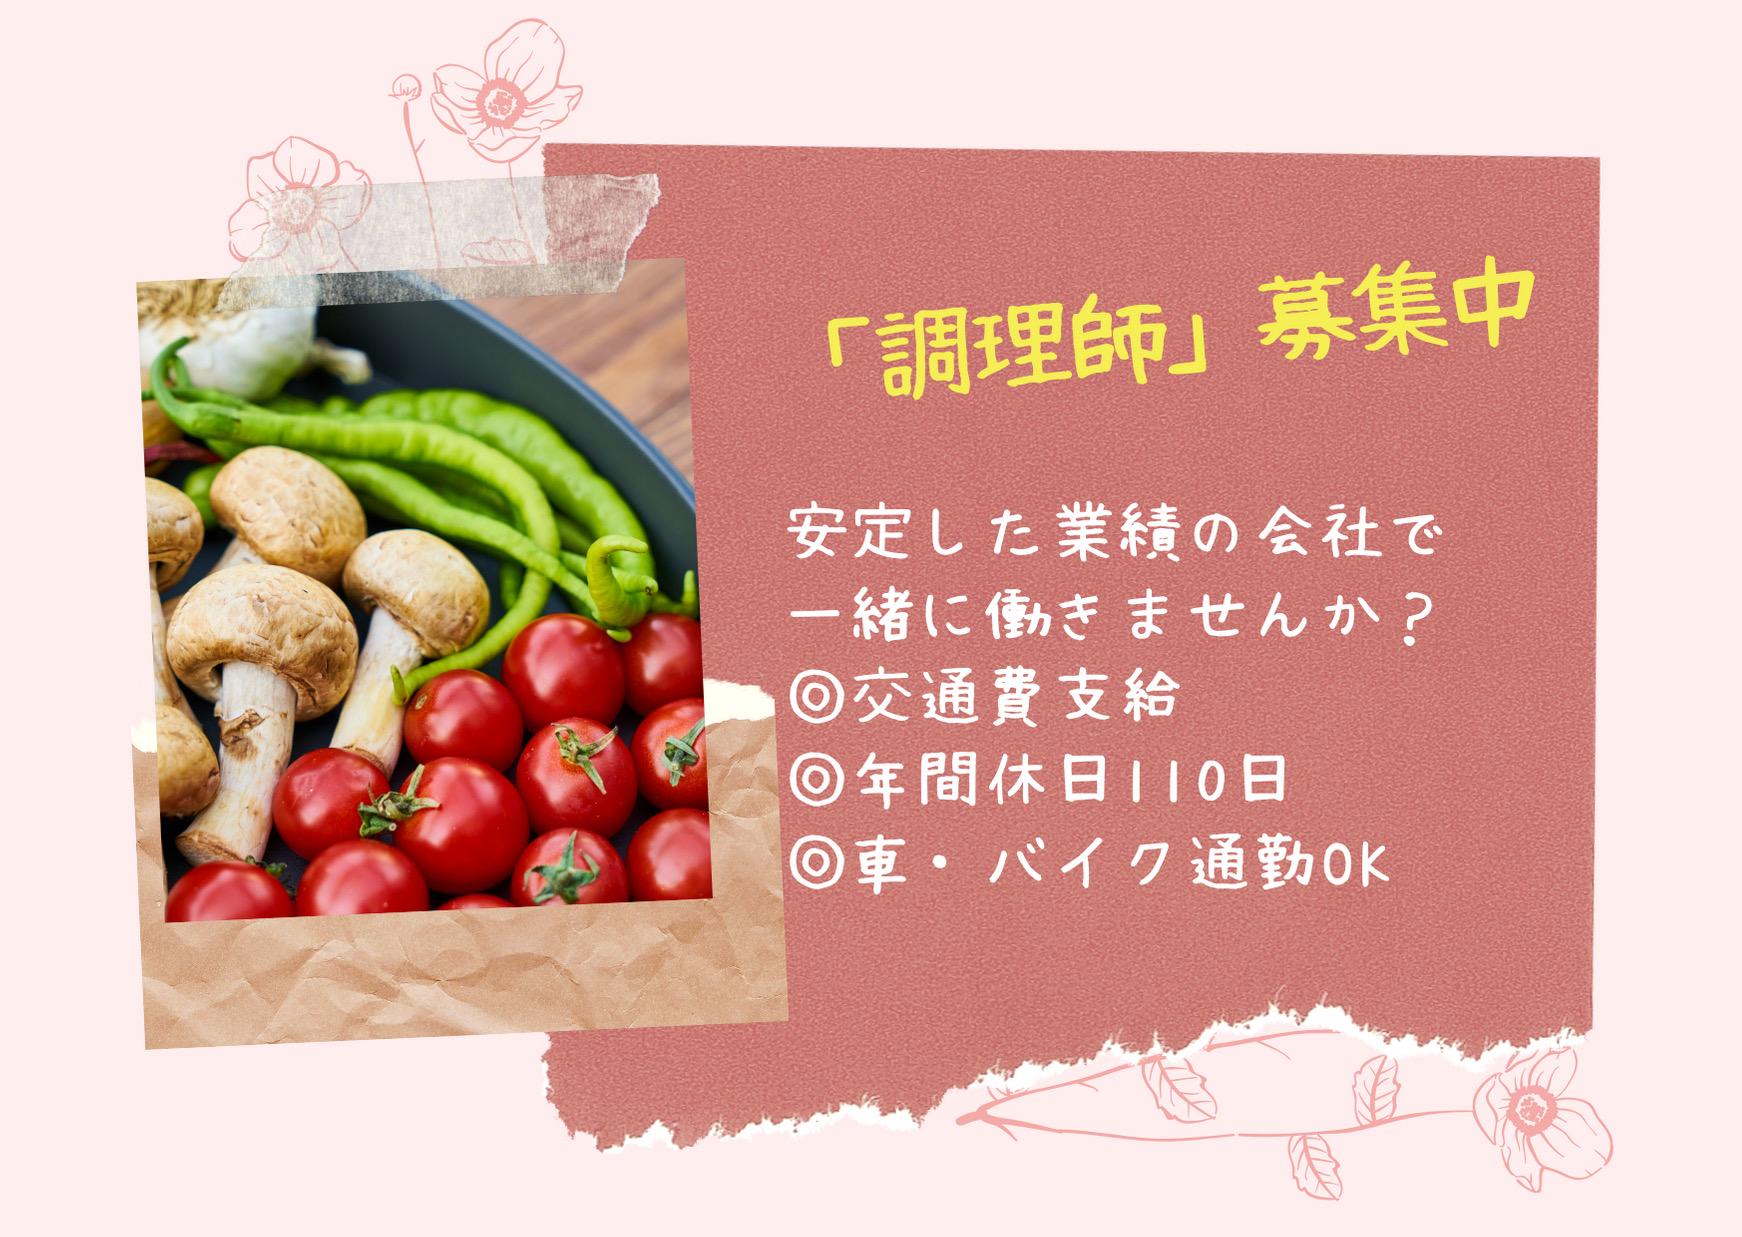 「月給26万円」岐阜県岐阜市で調理師募集!賞与年2回!食事の補助あります イメージ